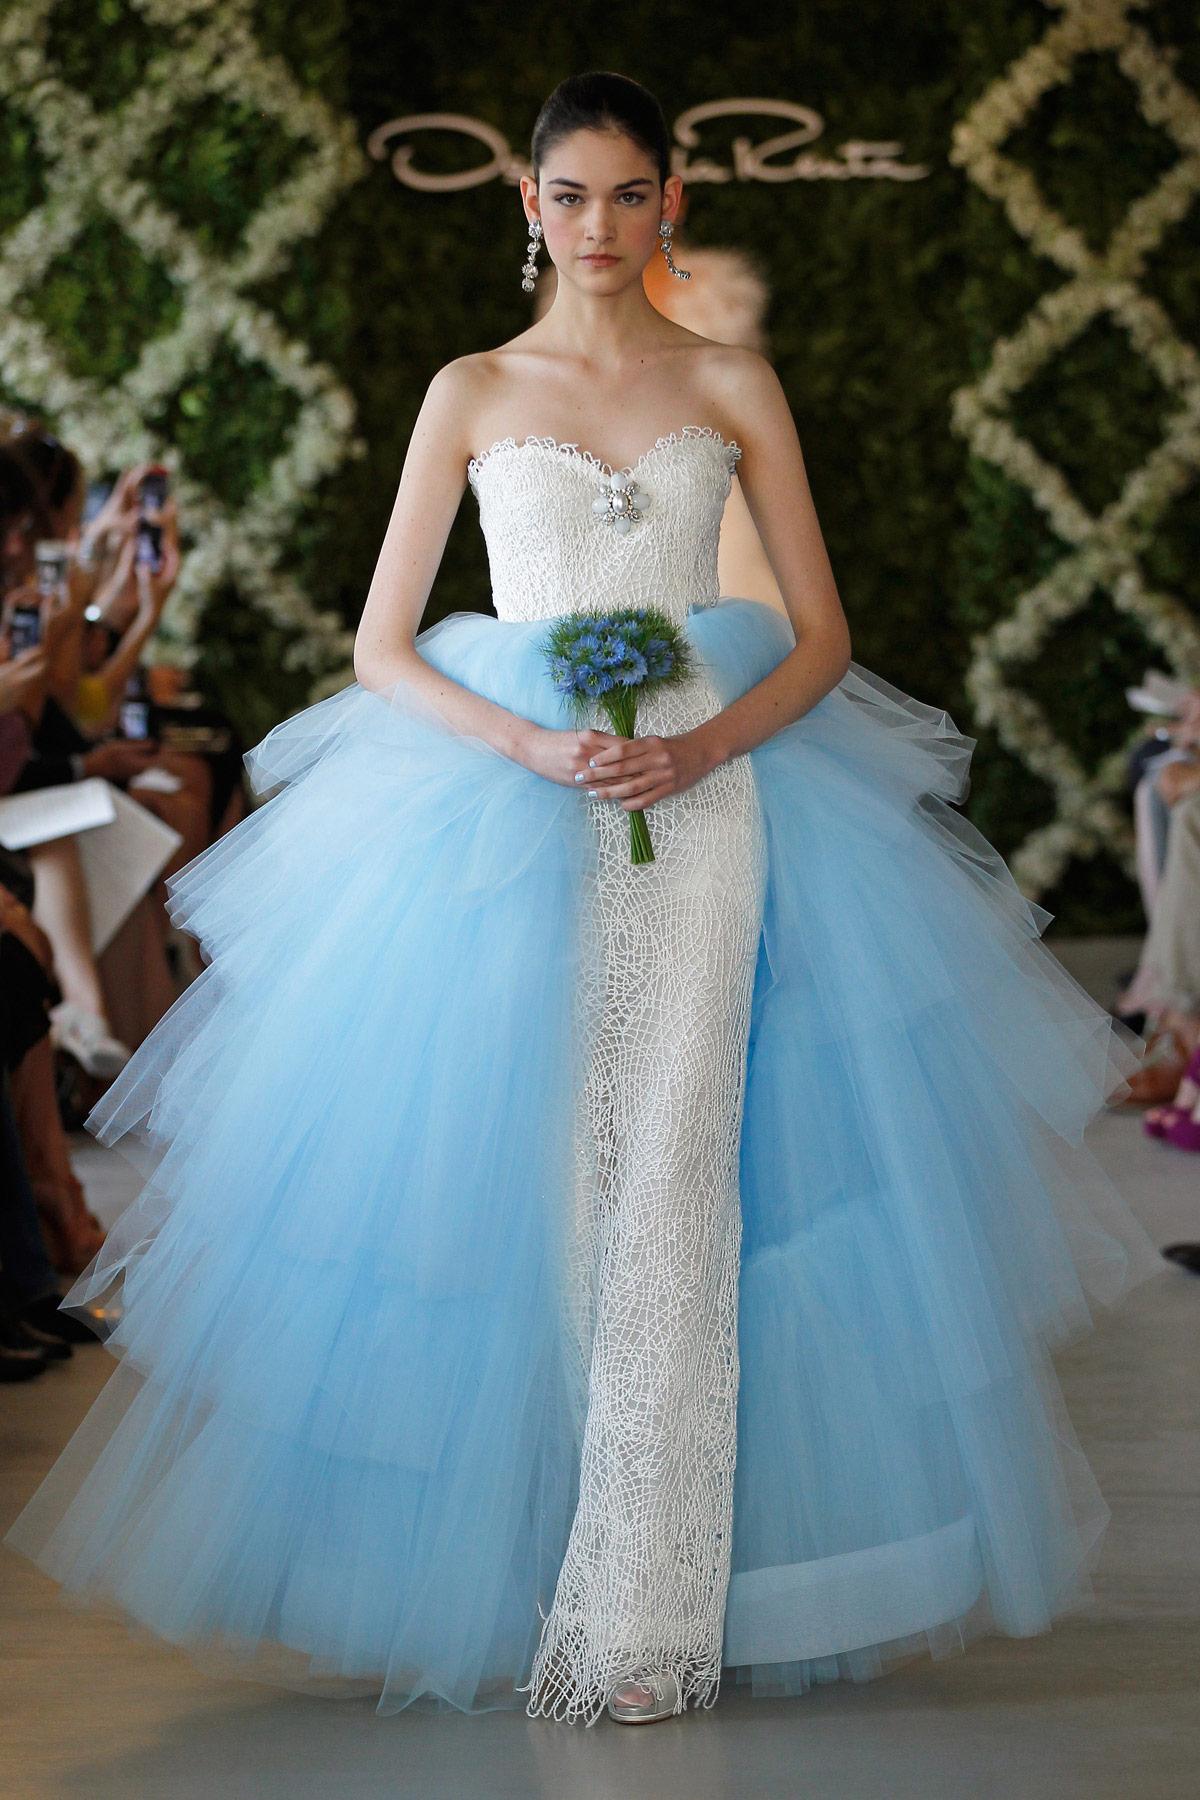 Vestidos novia 2013 - Mujeres - Blog de belleza y moda para mujeres